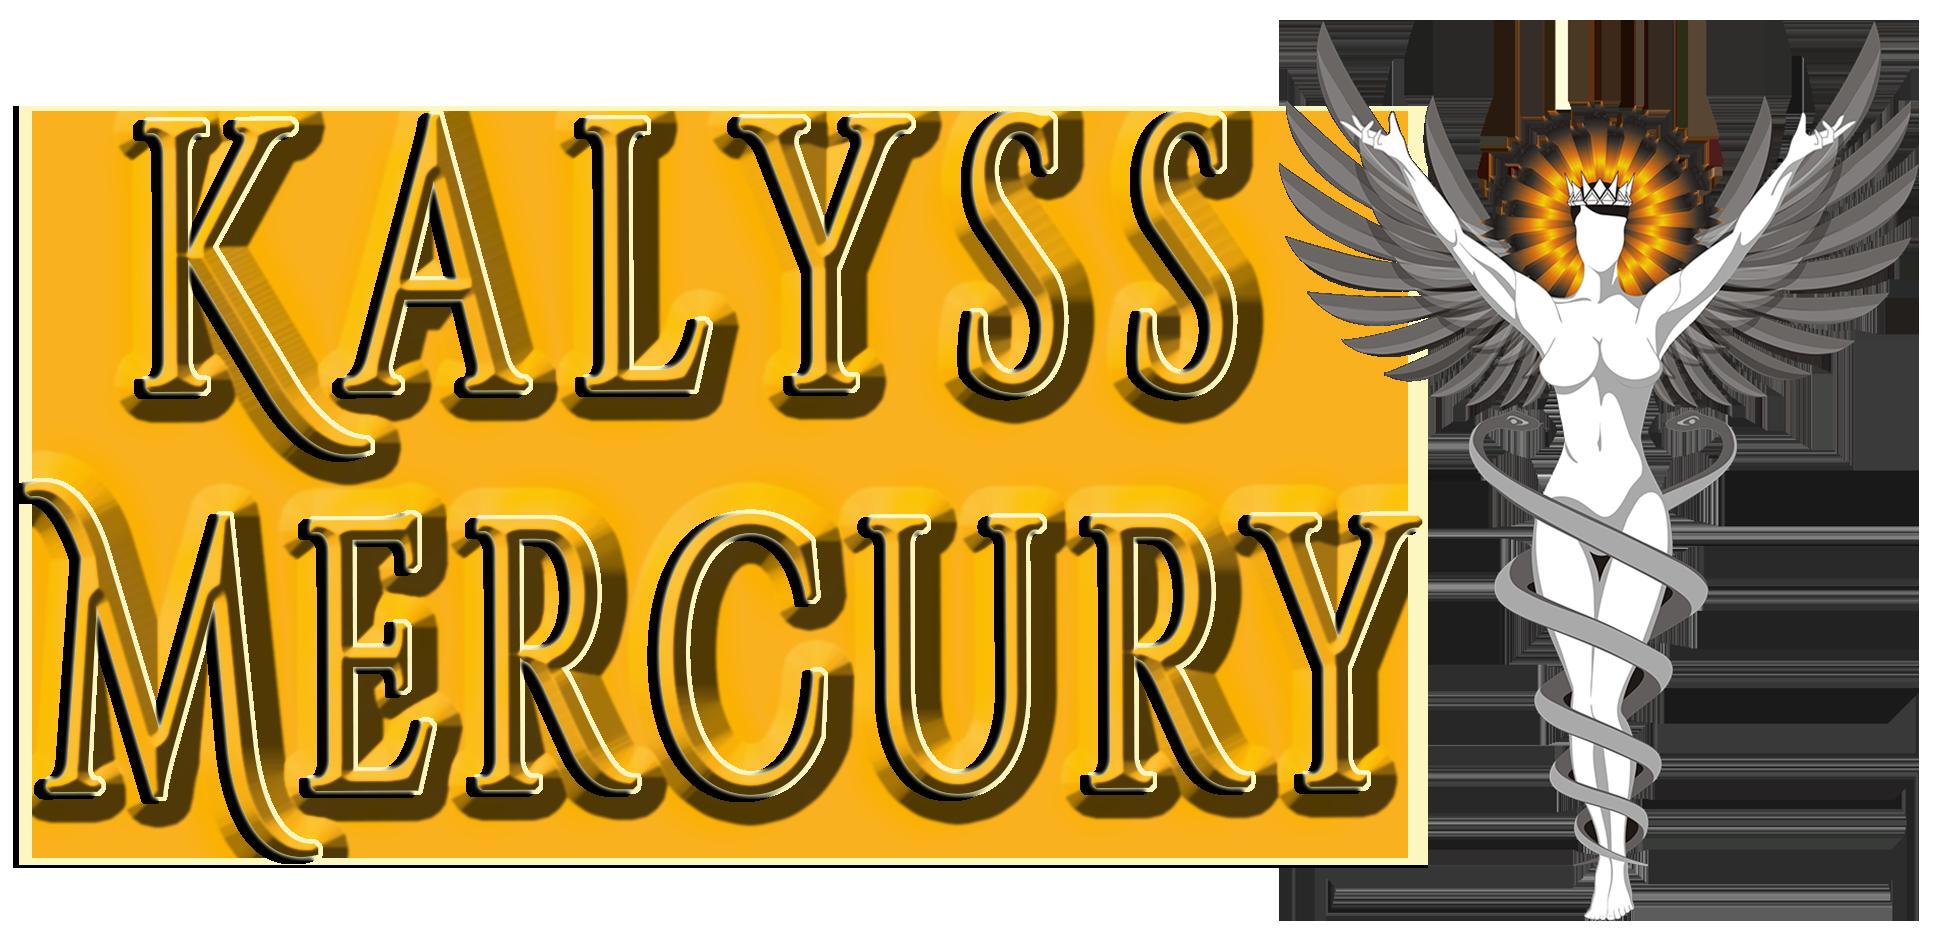 Mistress Kalyss Mercury